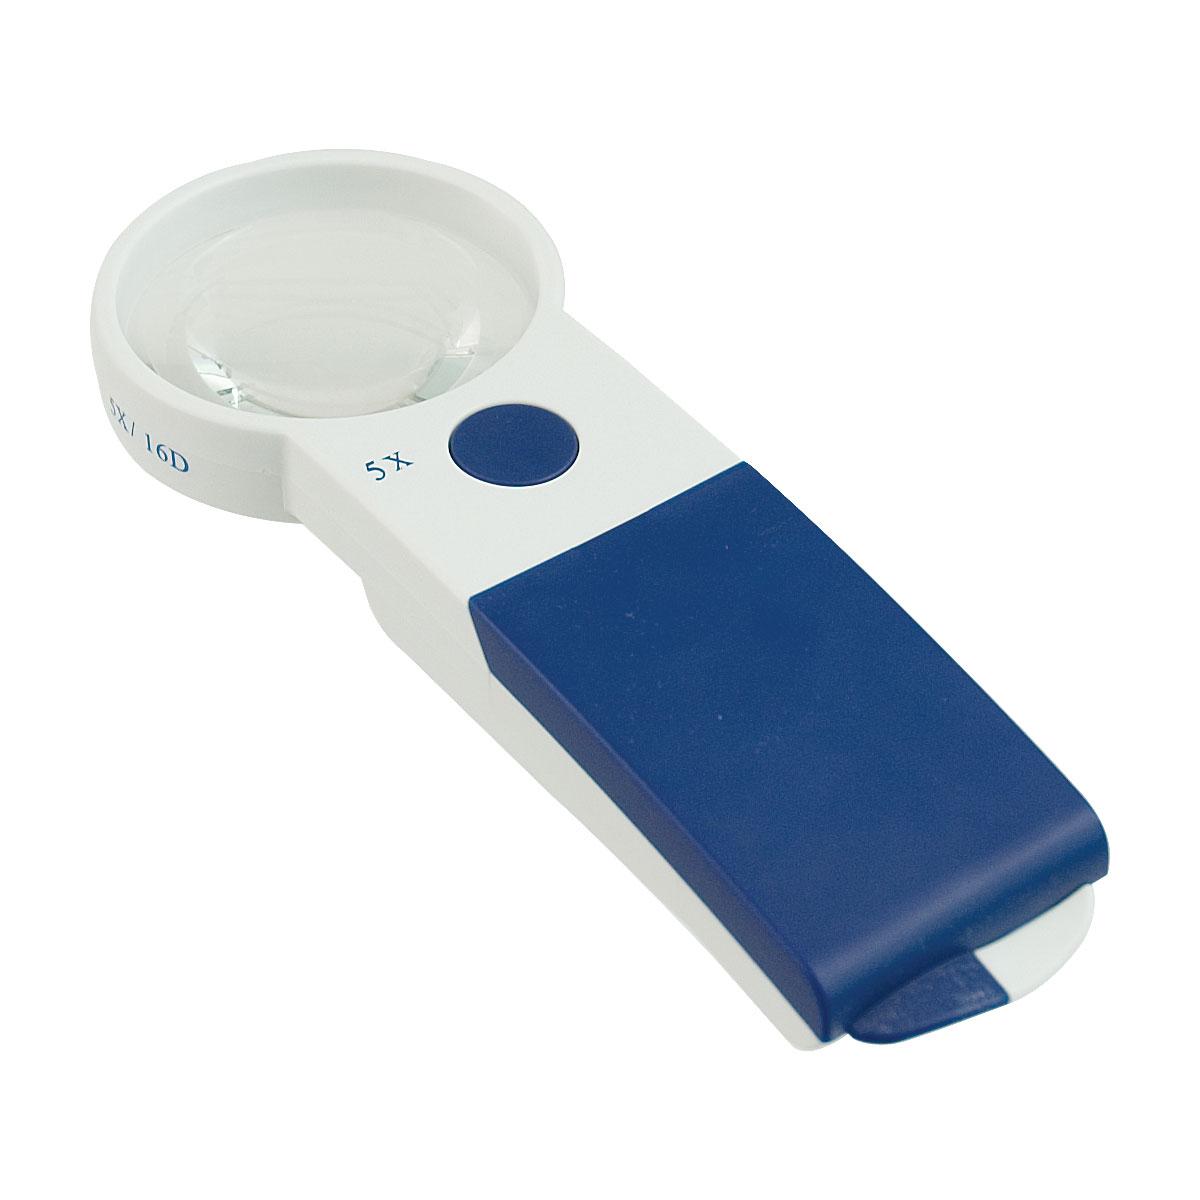 Reizen EZ Touch 5X 16D LED Handheld Magnifier- Round Lens 60mm